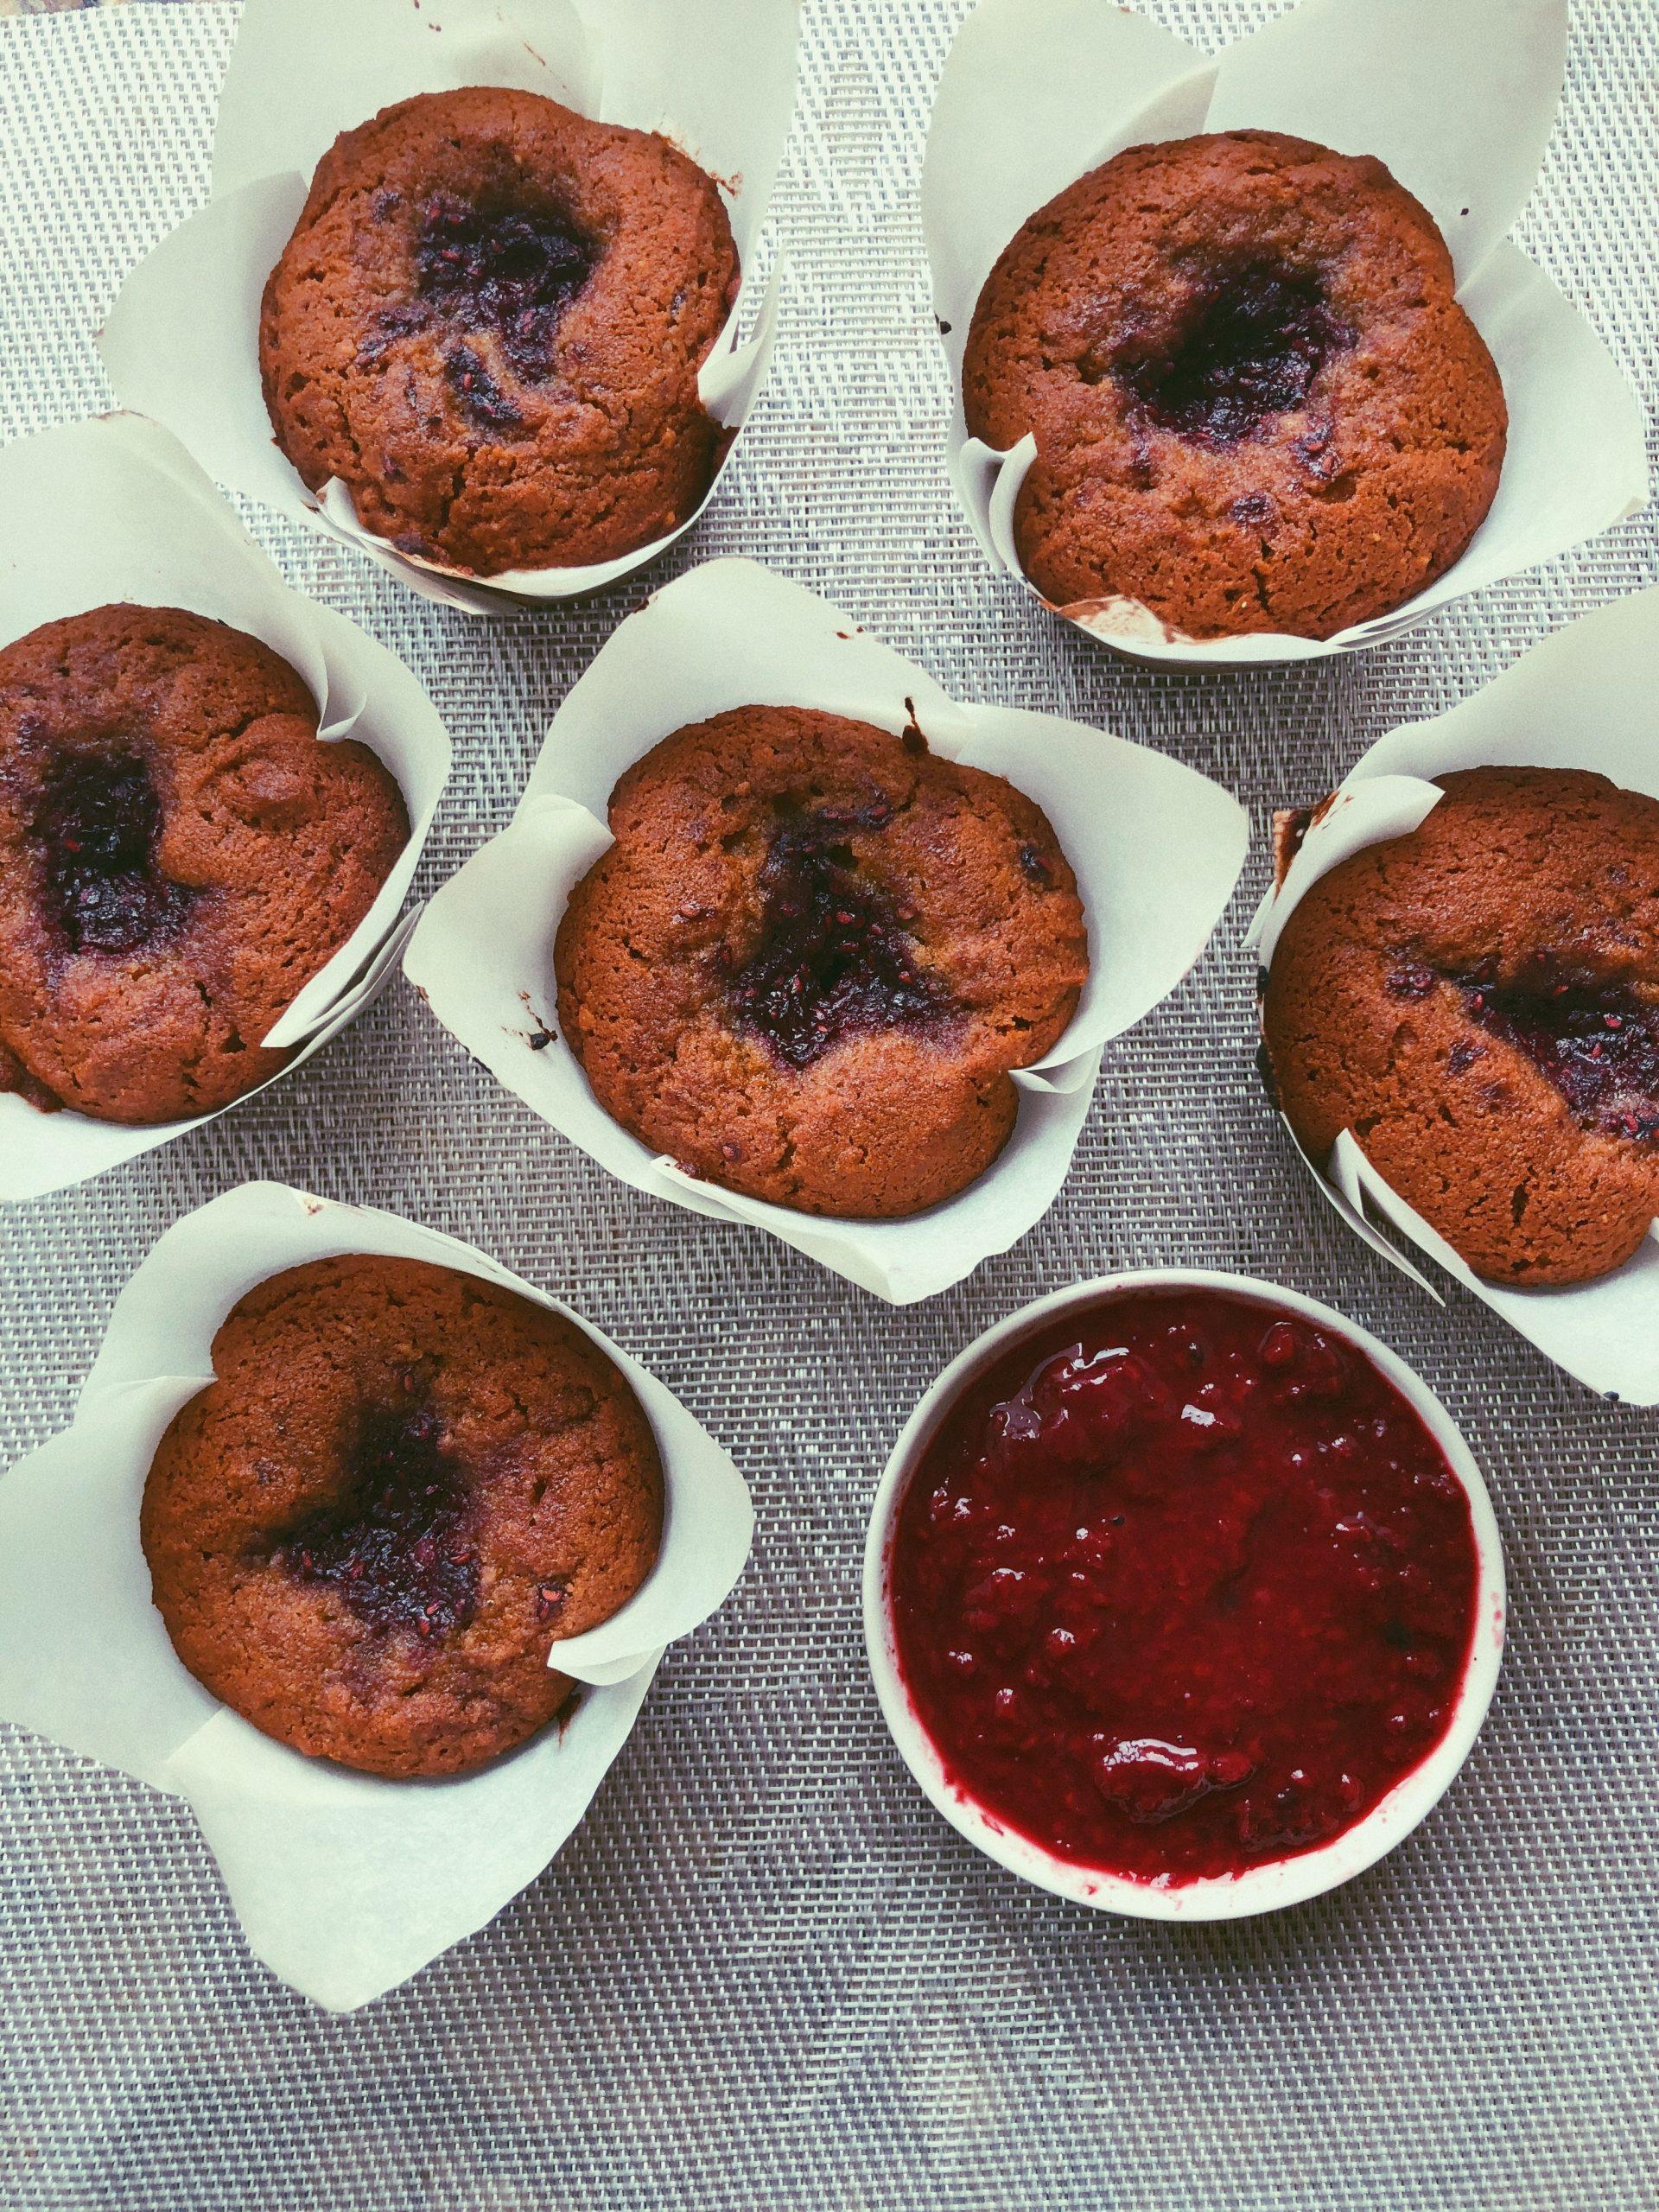 grain free peanut butter & jam muffins scd diet